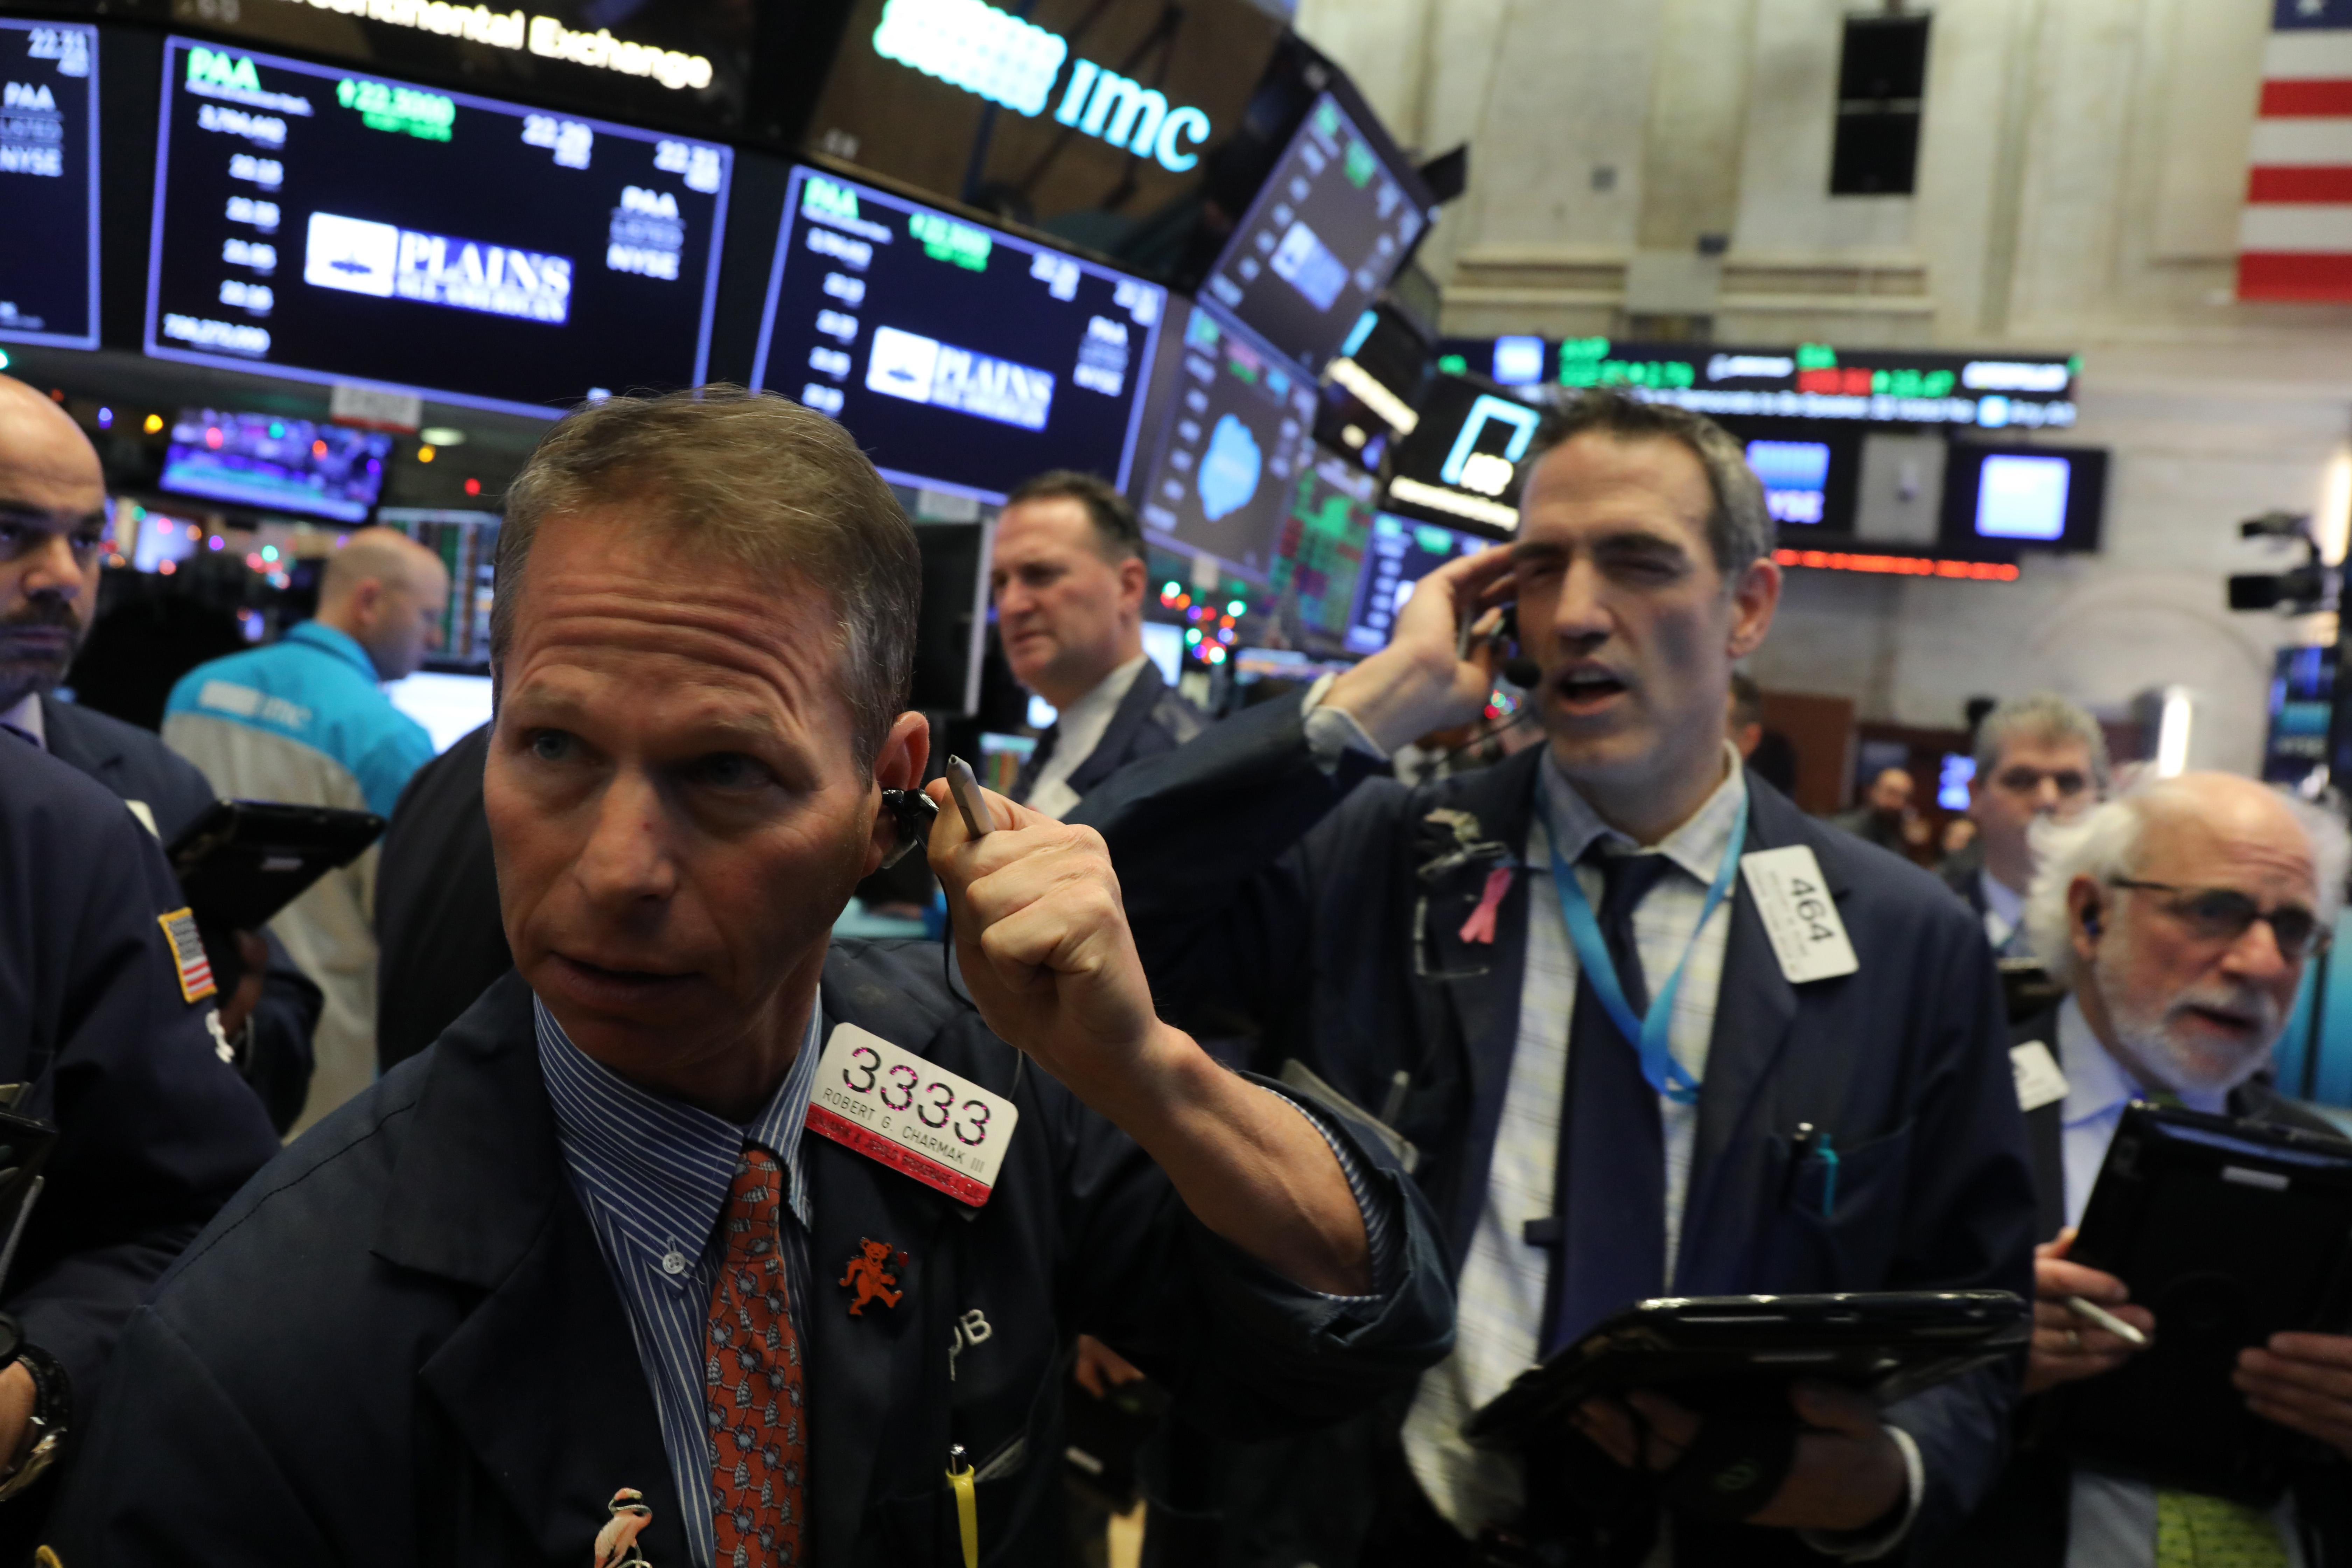 美國股市對美聯儲12月19日的加息決定,表現為三大股指齊跌。圖為12月19日的紐約證交所交易場內一景。(Spencer Platt/Getty Images)